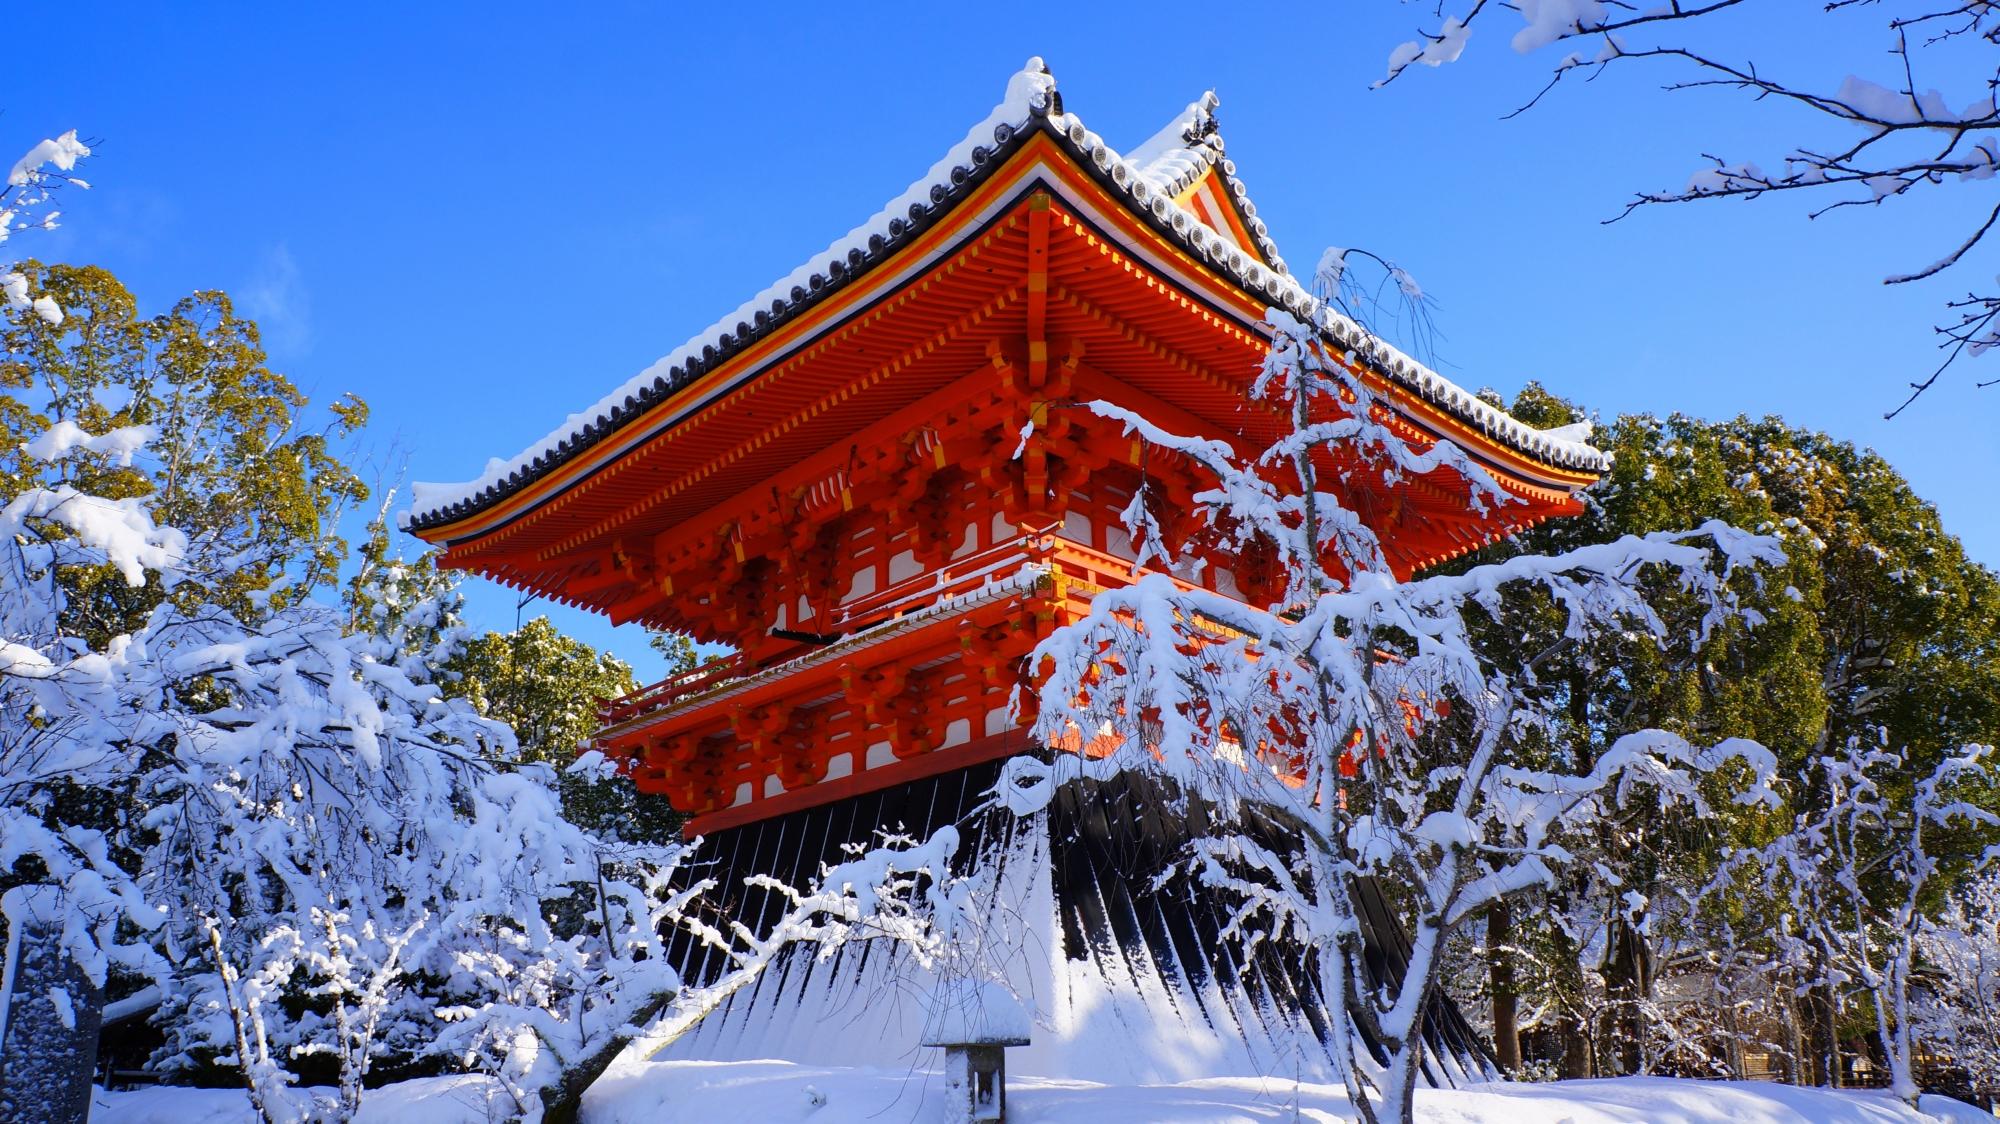 仁和寺の鐘楼の雪景色